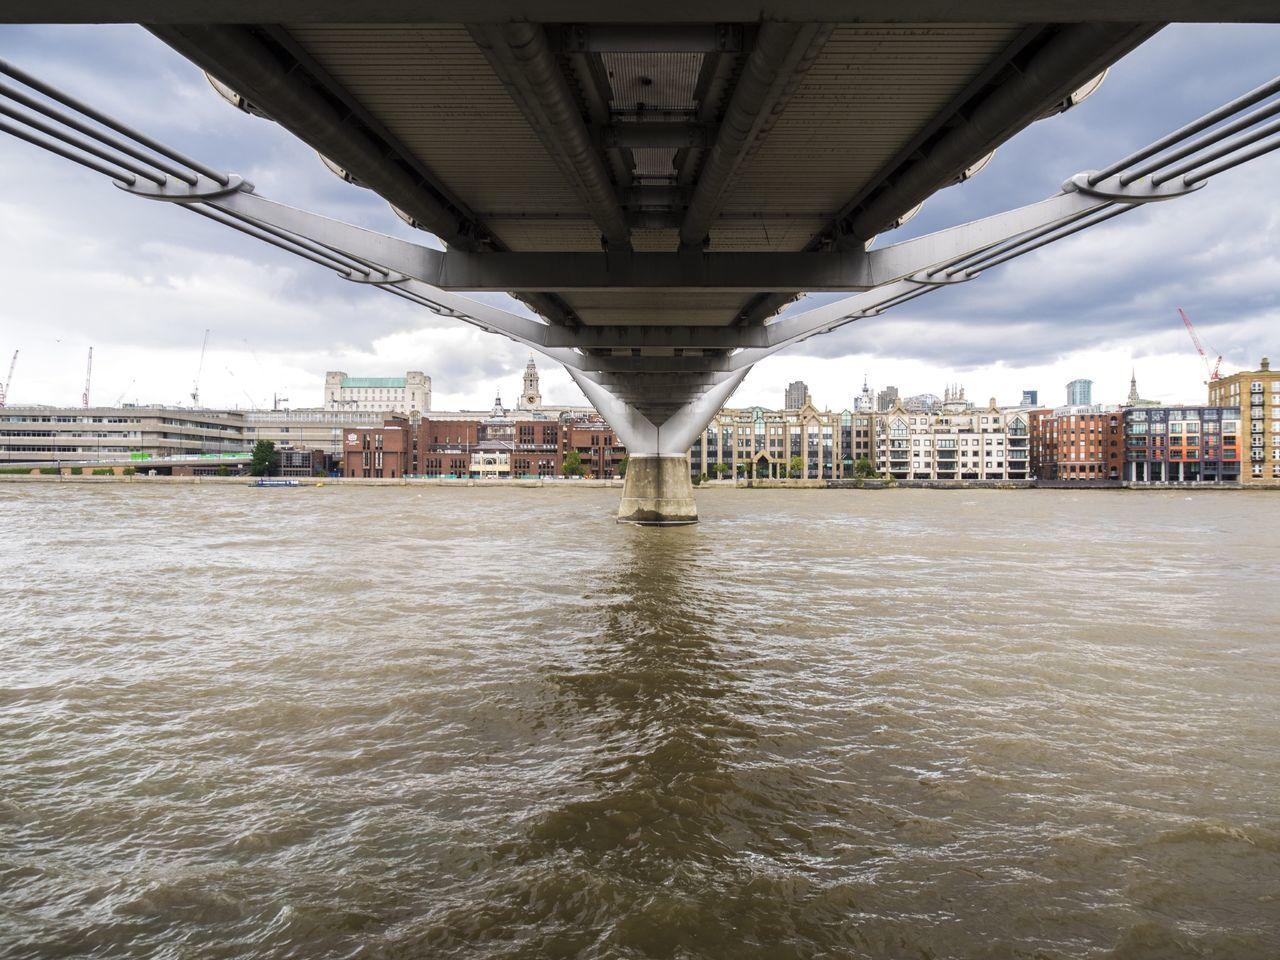 Underside of a Bridge In The Cityn]ty of London